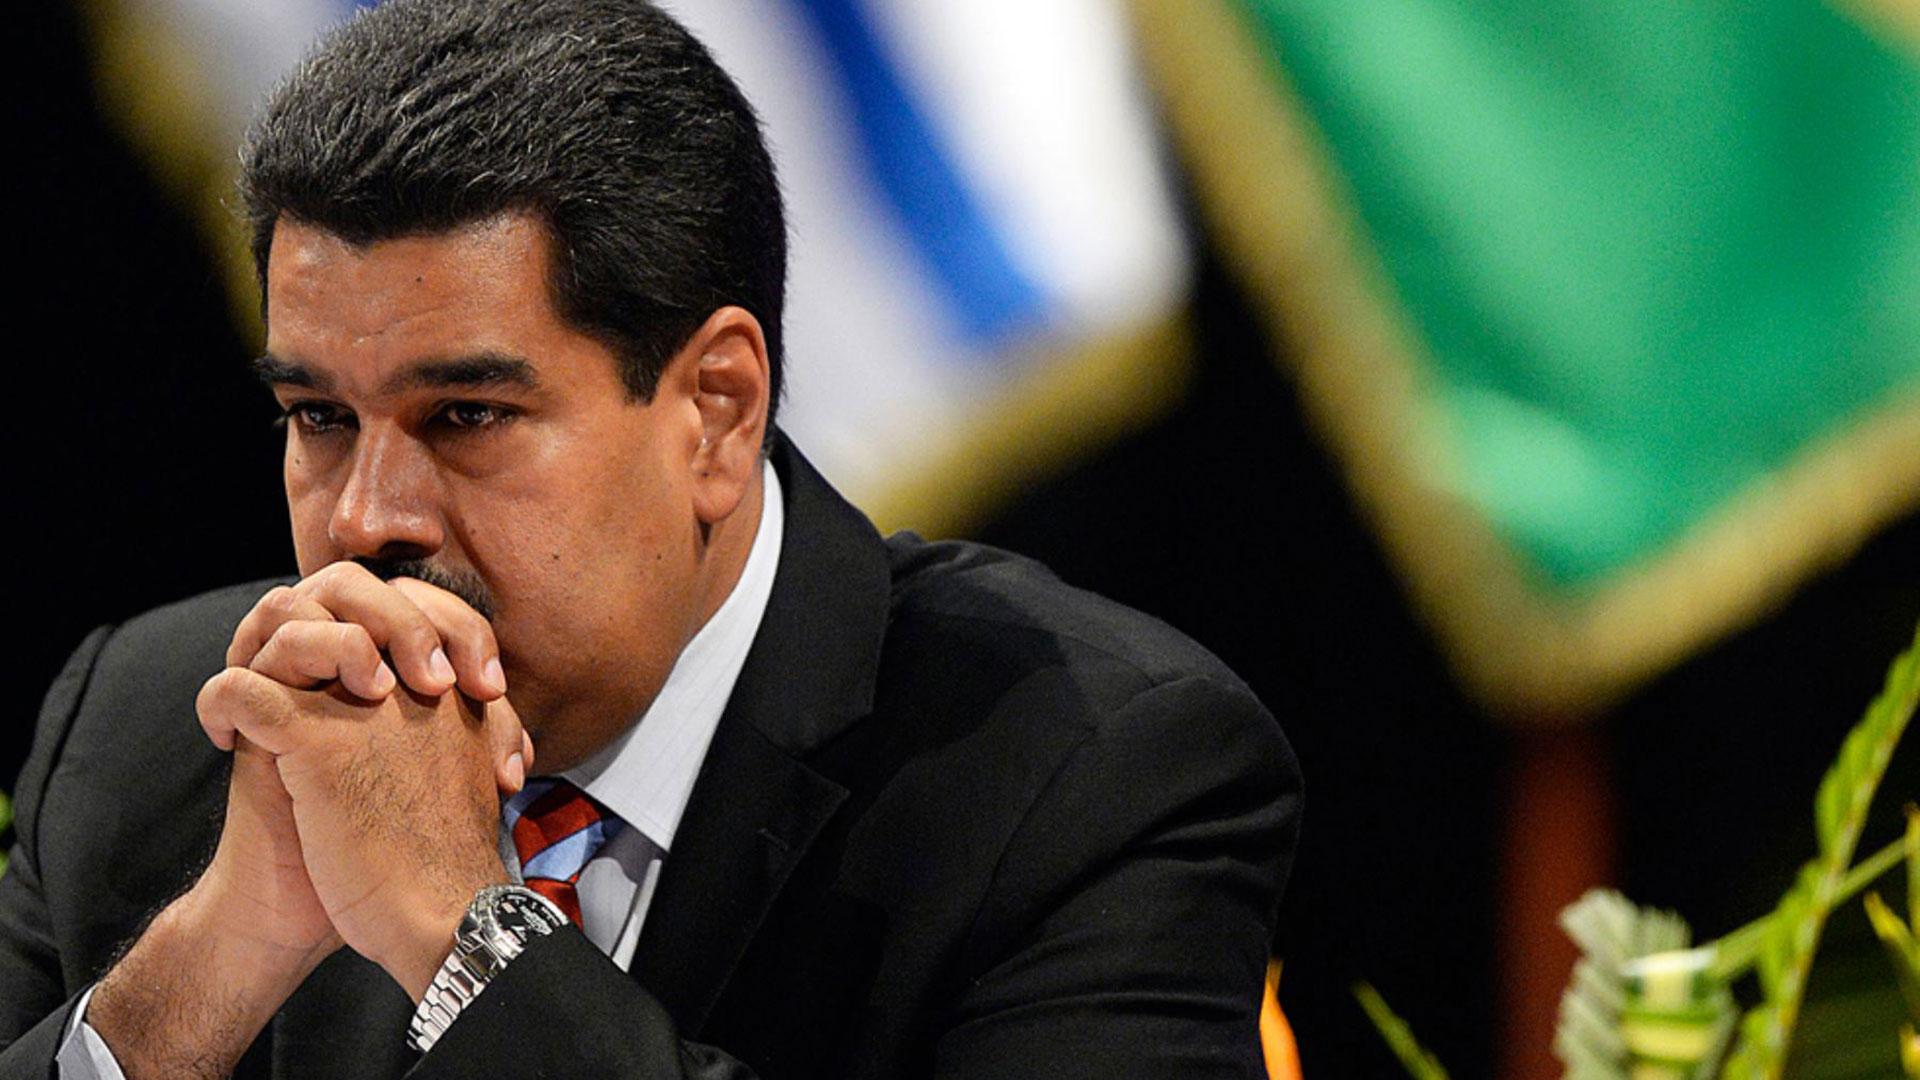 EEUU ve más probable que el entorno de Maduro le traicione tras acusación